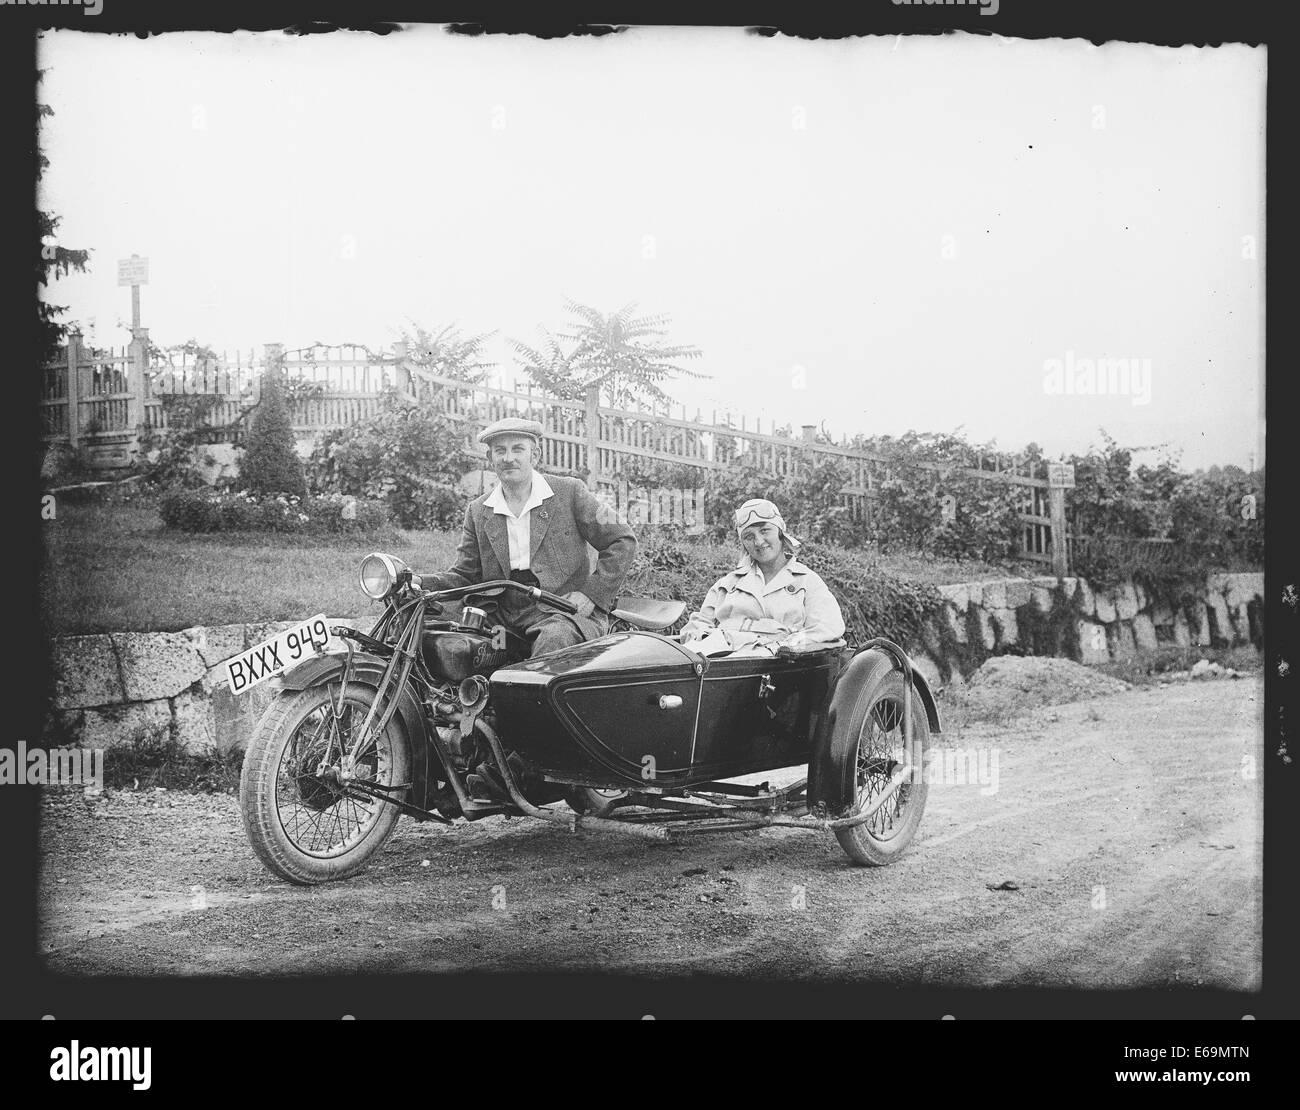 motorcycle,historical vehicle,sidecar machine,historical photo - Stock Image